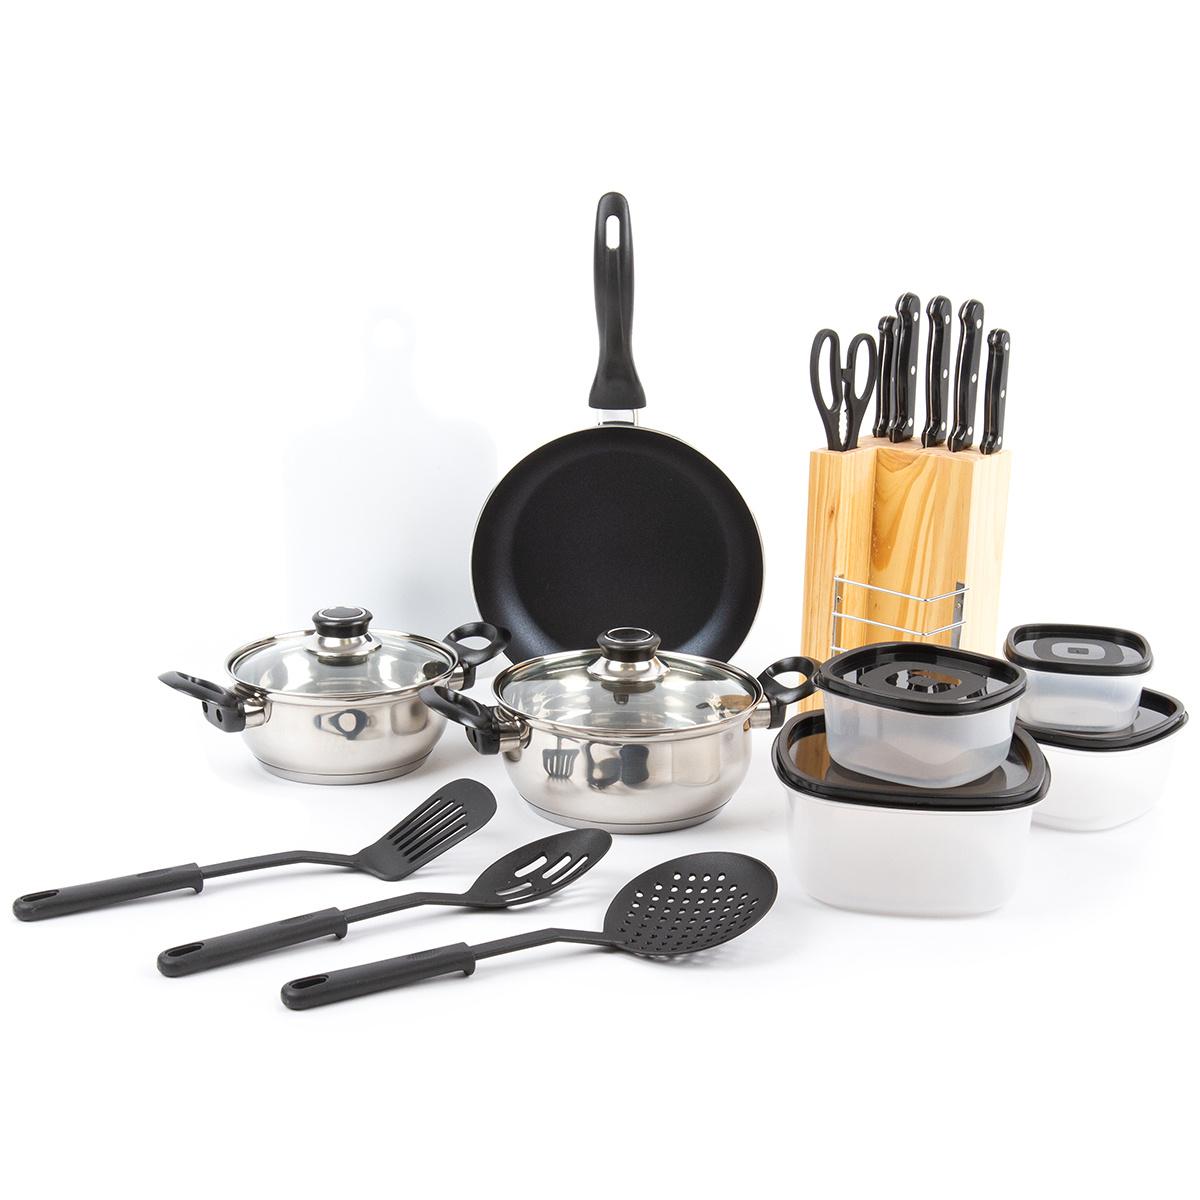 18dílná sada nádobí s kuchyňským náčiním